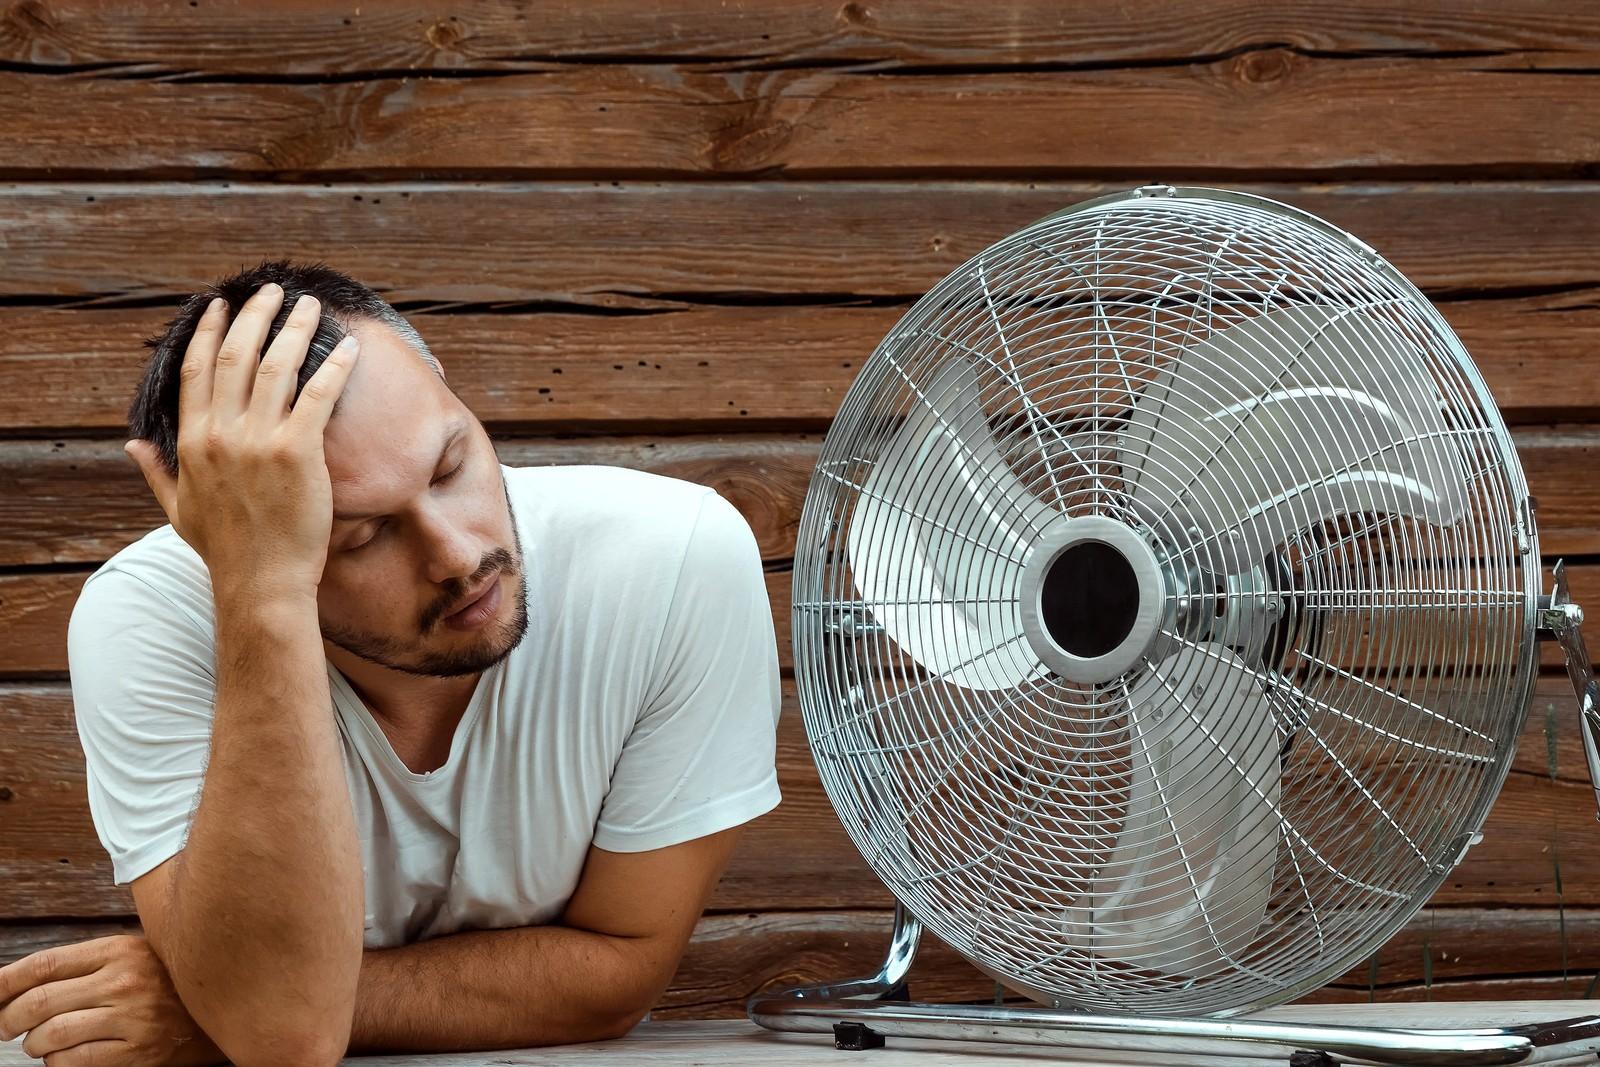 Auf dem Bau haben Mitarbeiter bei hohen Temperaturen zwar kein Recht auf Hitzefrei, doch Arbeitgeber haben Pflichten und können die Arbeitszeiten anpassen.